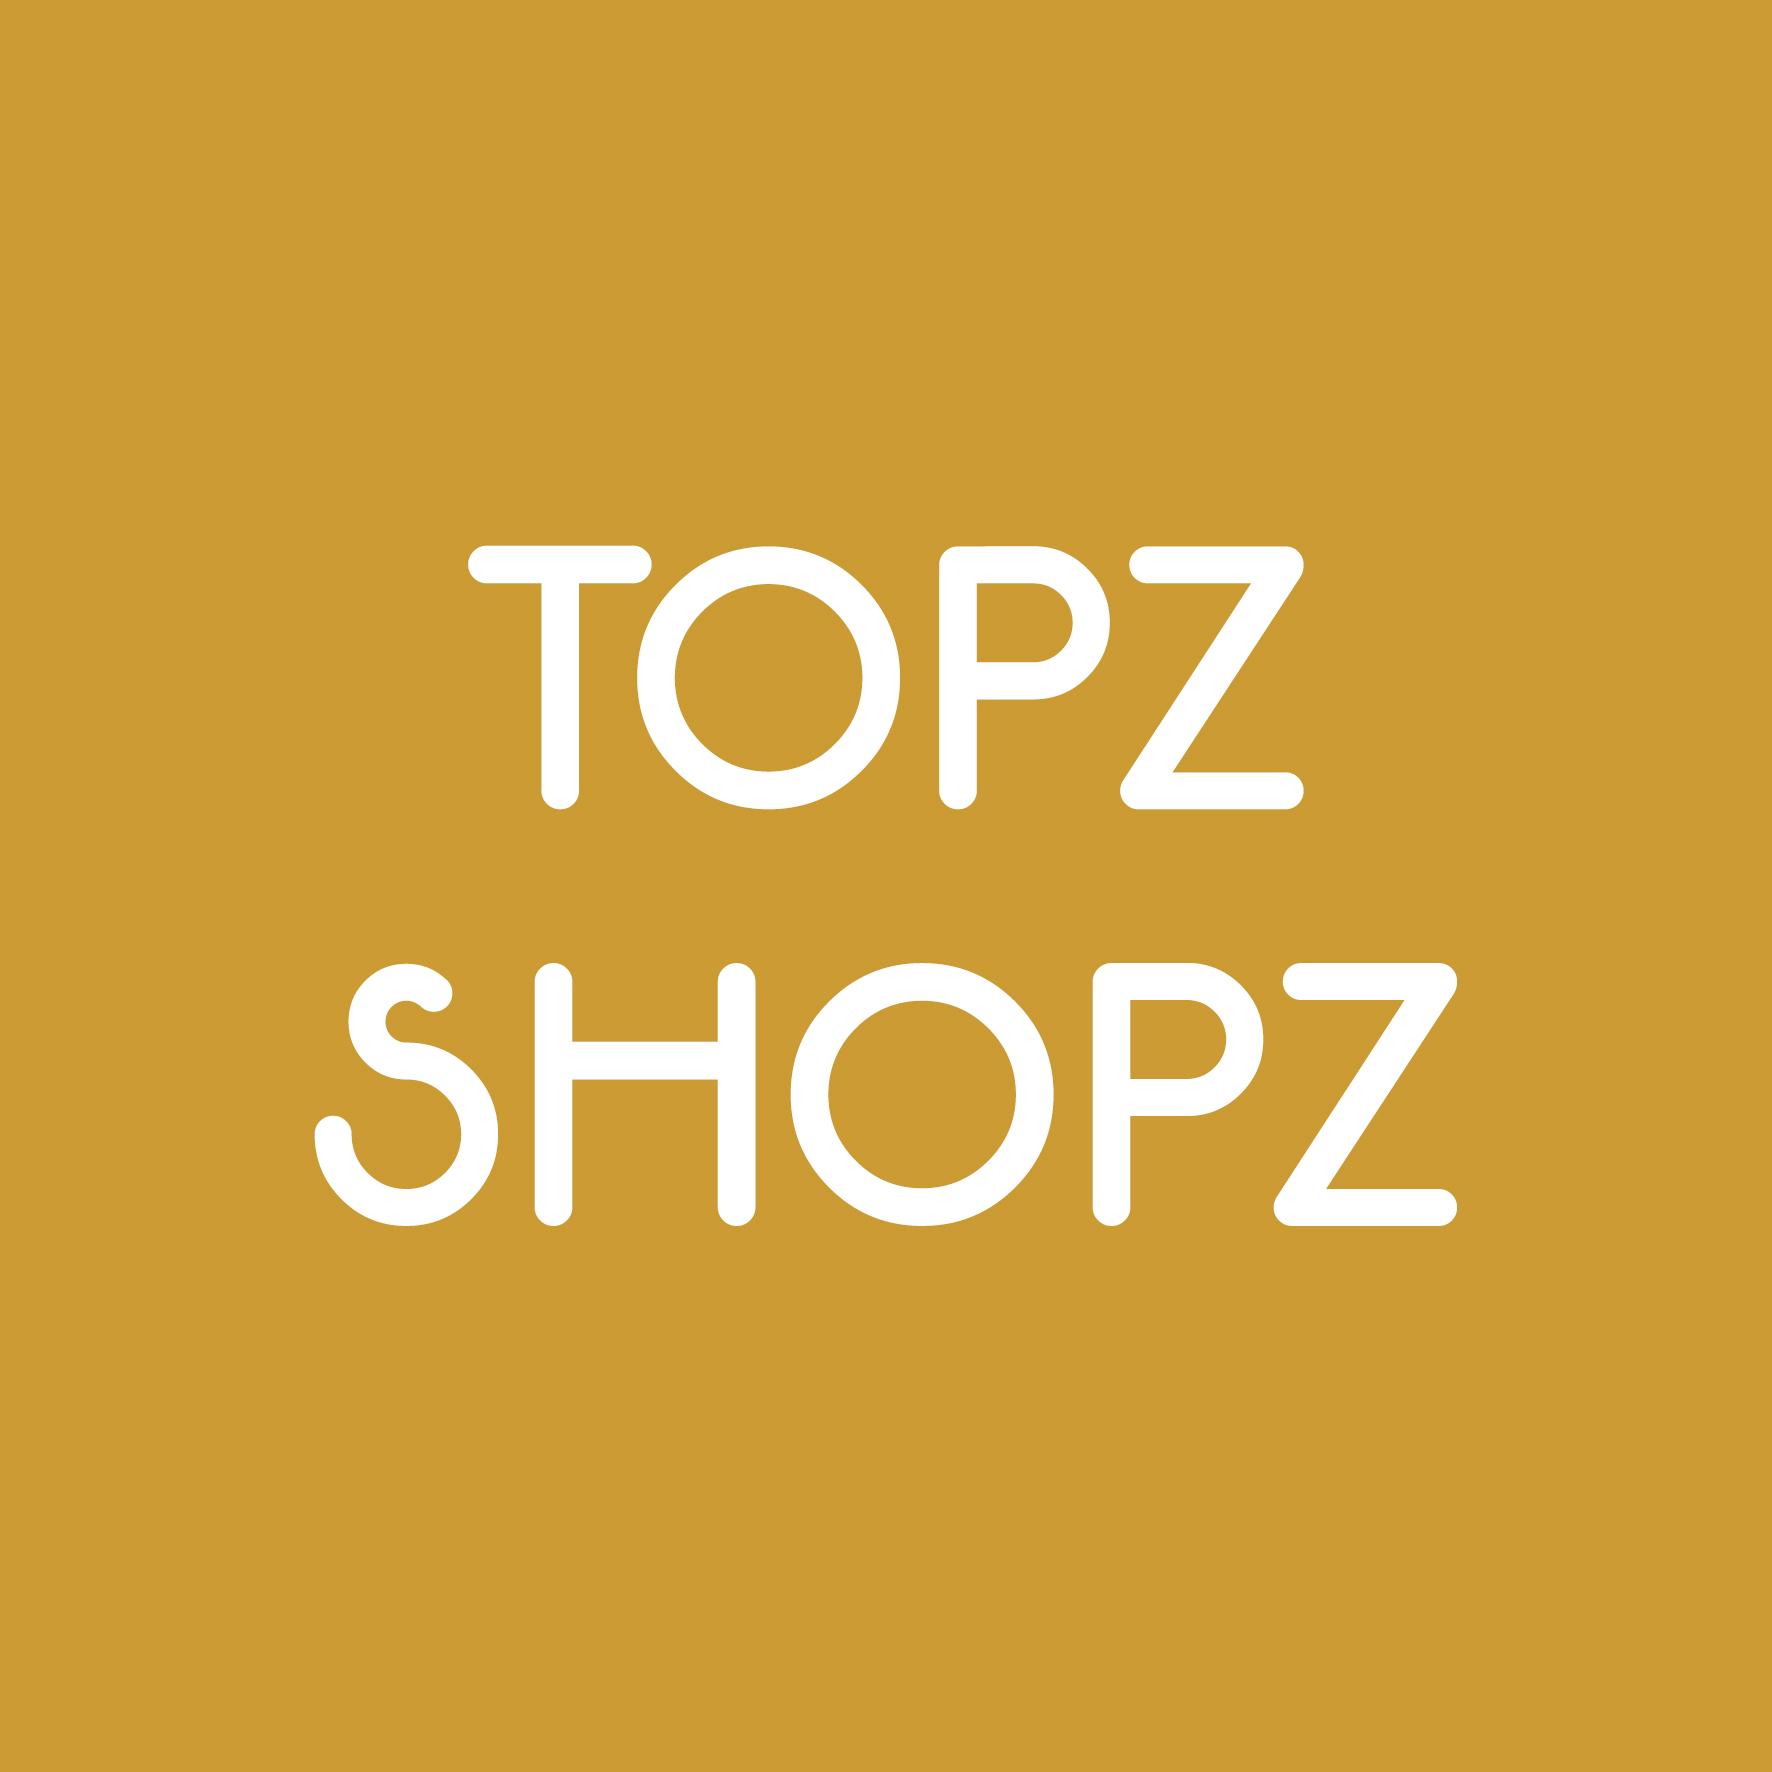 Topz Shopz Deli